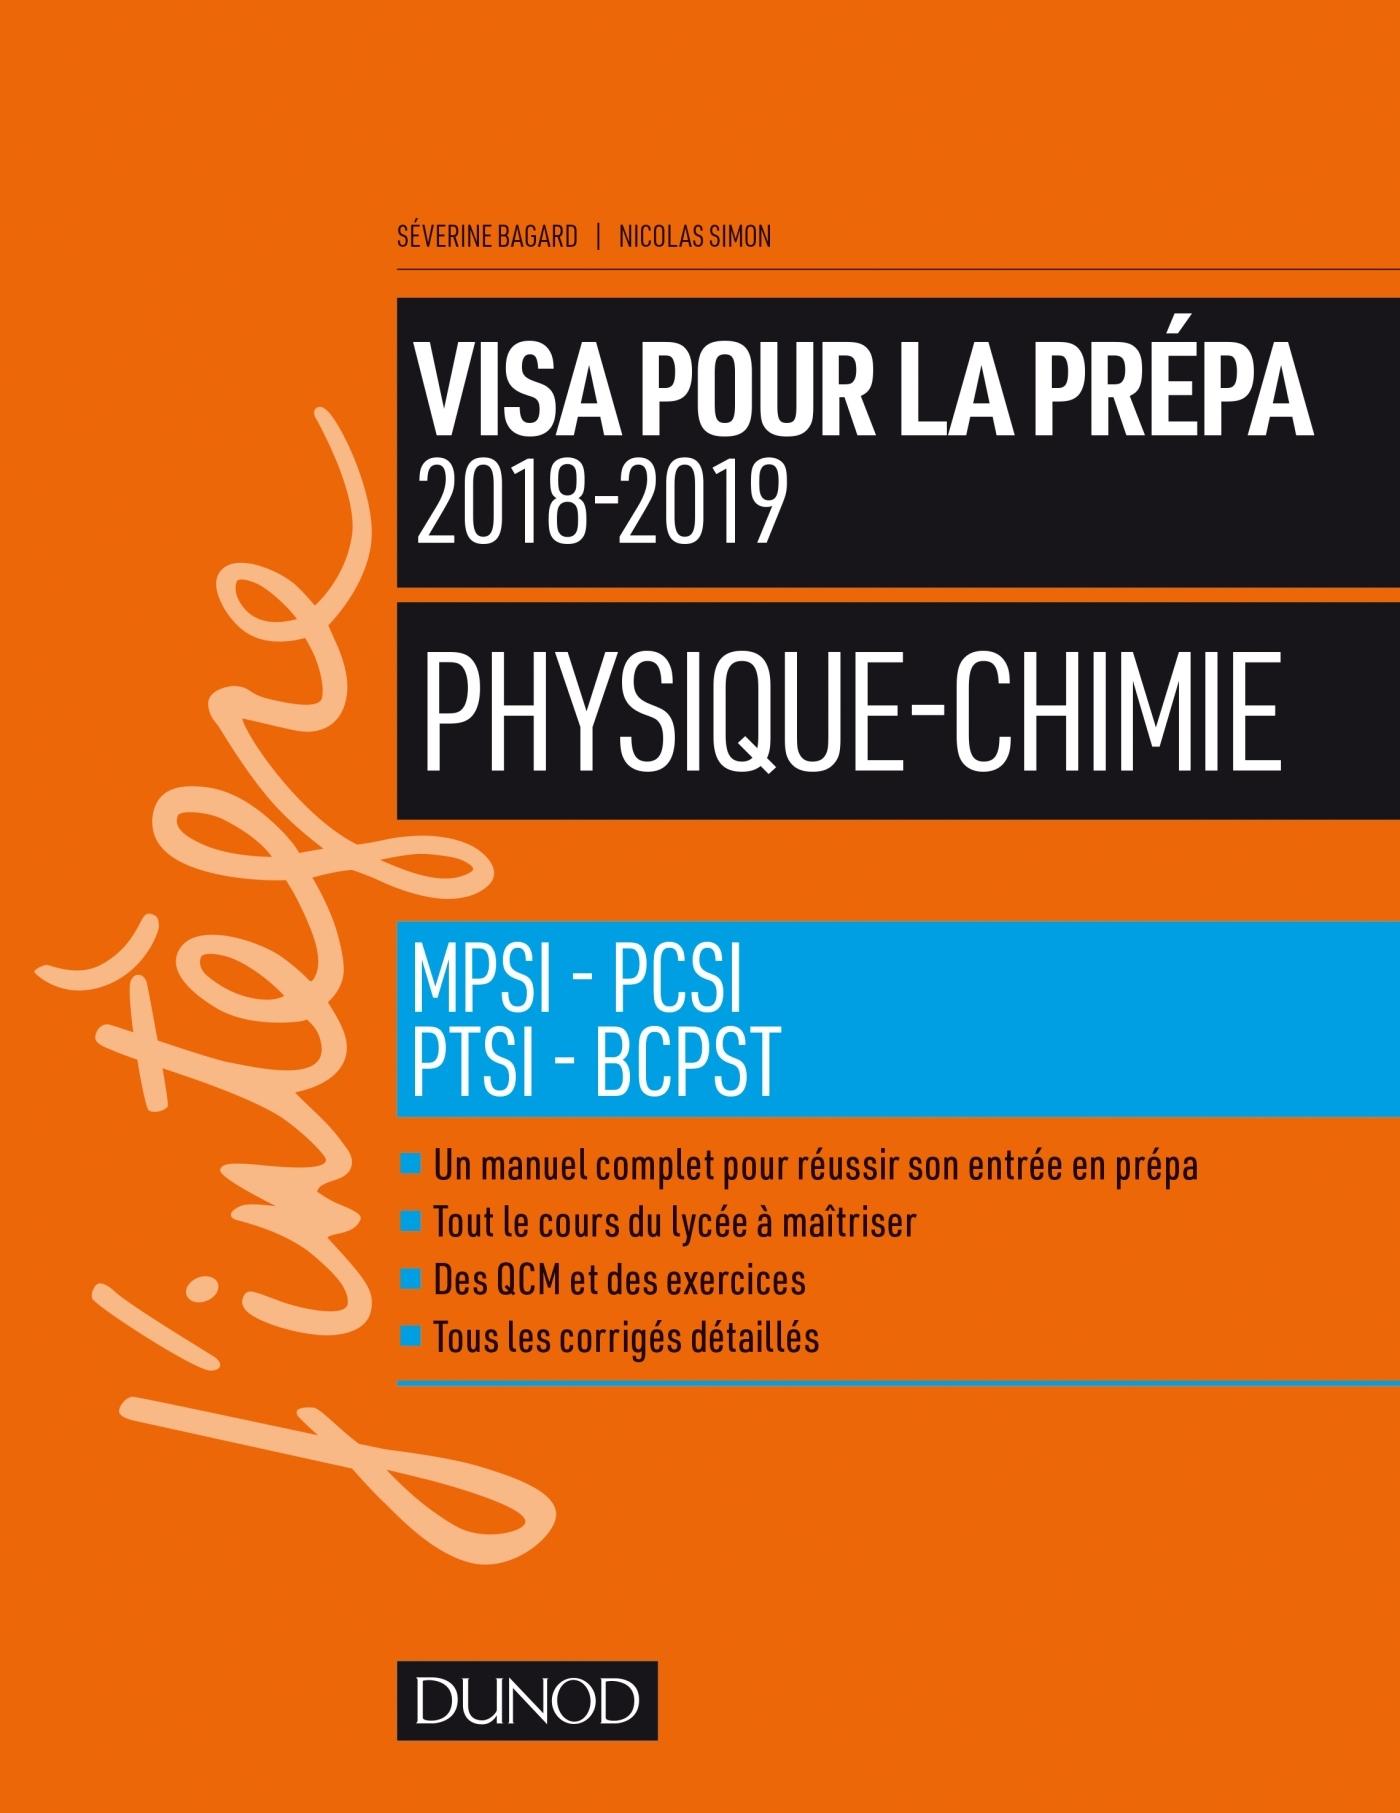 PHYSIQUE-CHIMIE - VISA POUR LA PREPA 2018-2019- MPSI-PCSI-PTSI-BCPST 2018-2019